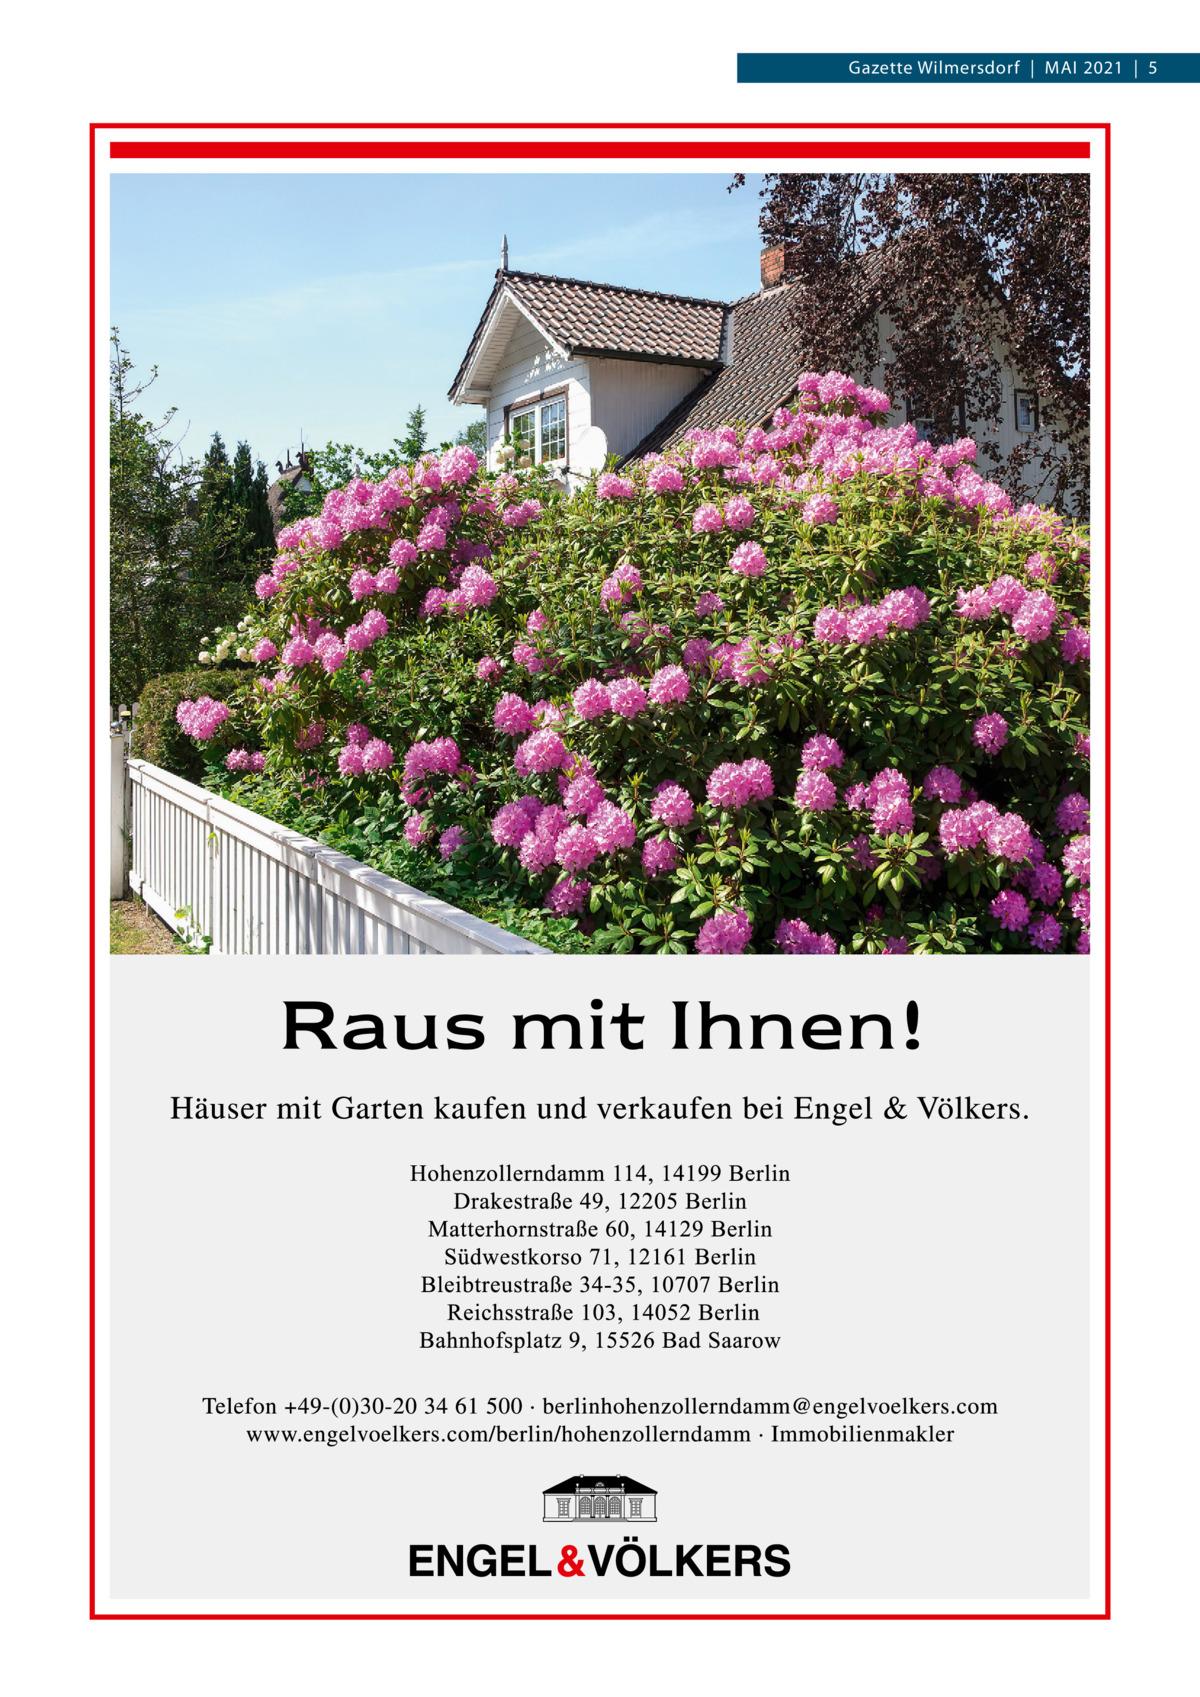 Gazette Wilmersdorf Mai 2021 5